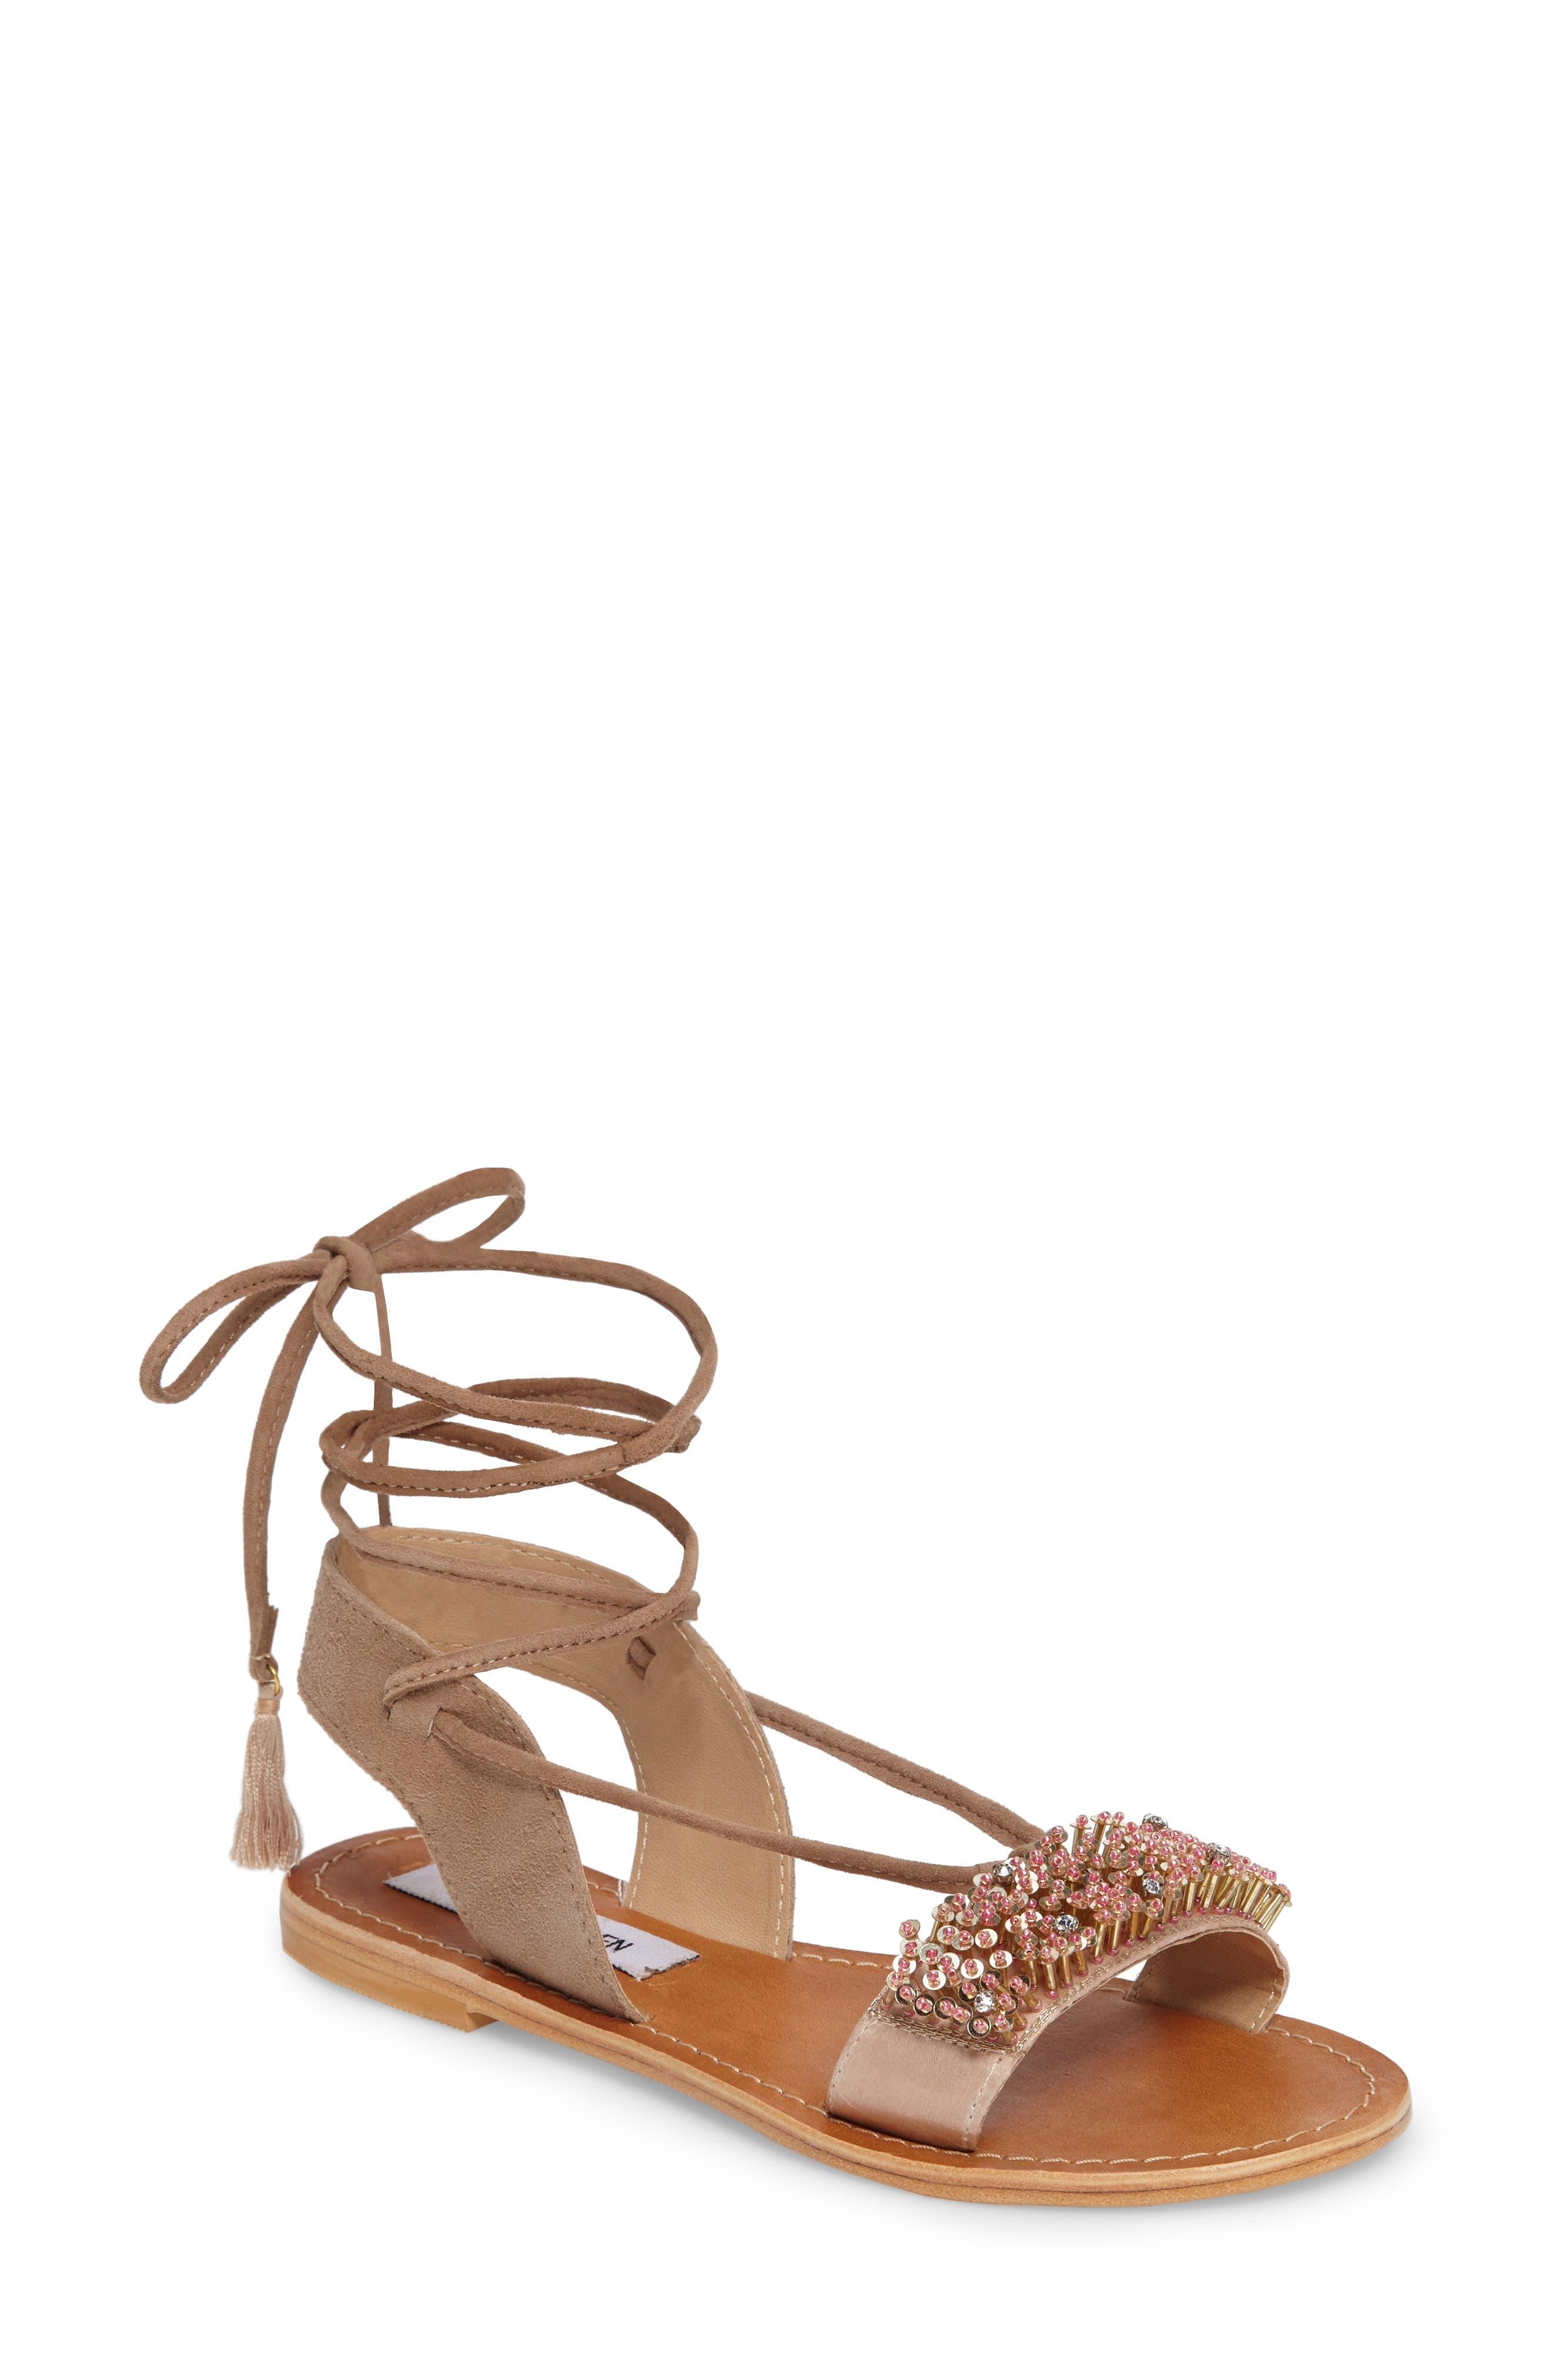 STEVE MADDEN Hope Embellished Wraparound Sandal